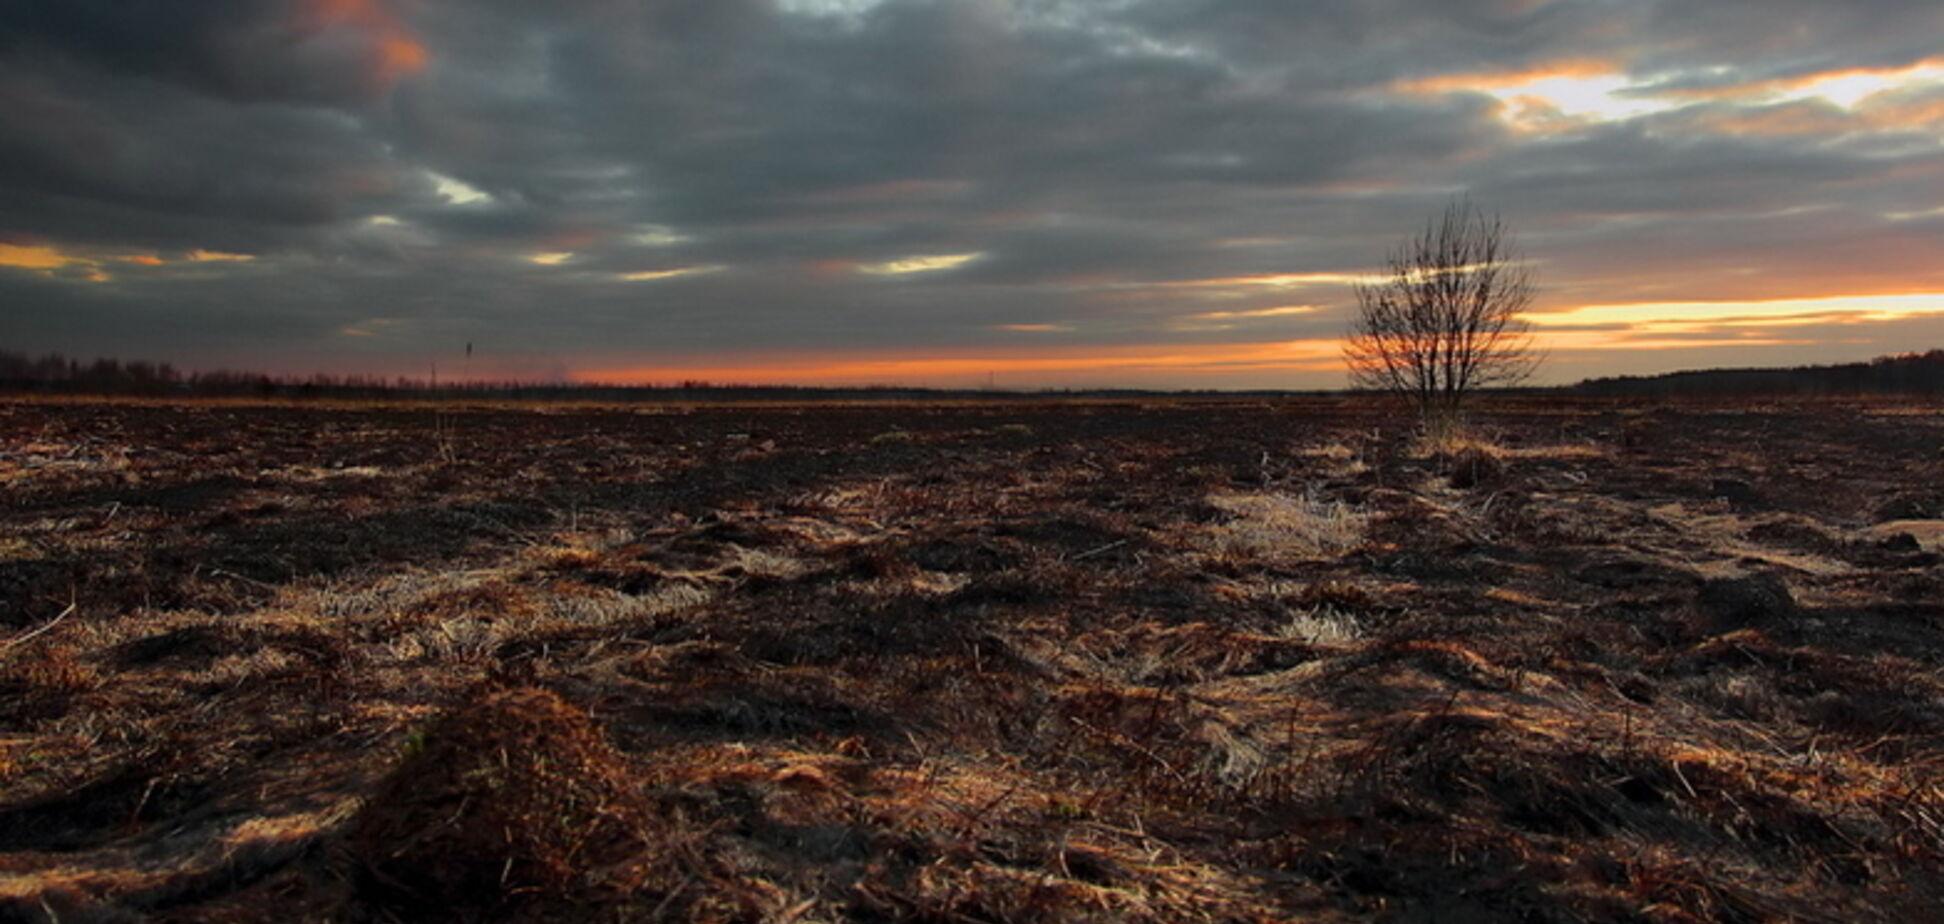 Недава разработал десятилетнюю госпрограмму восстановления экосистемы Донбасса